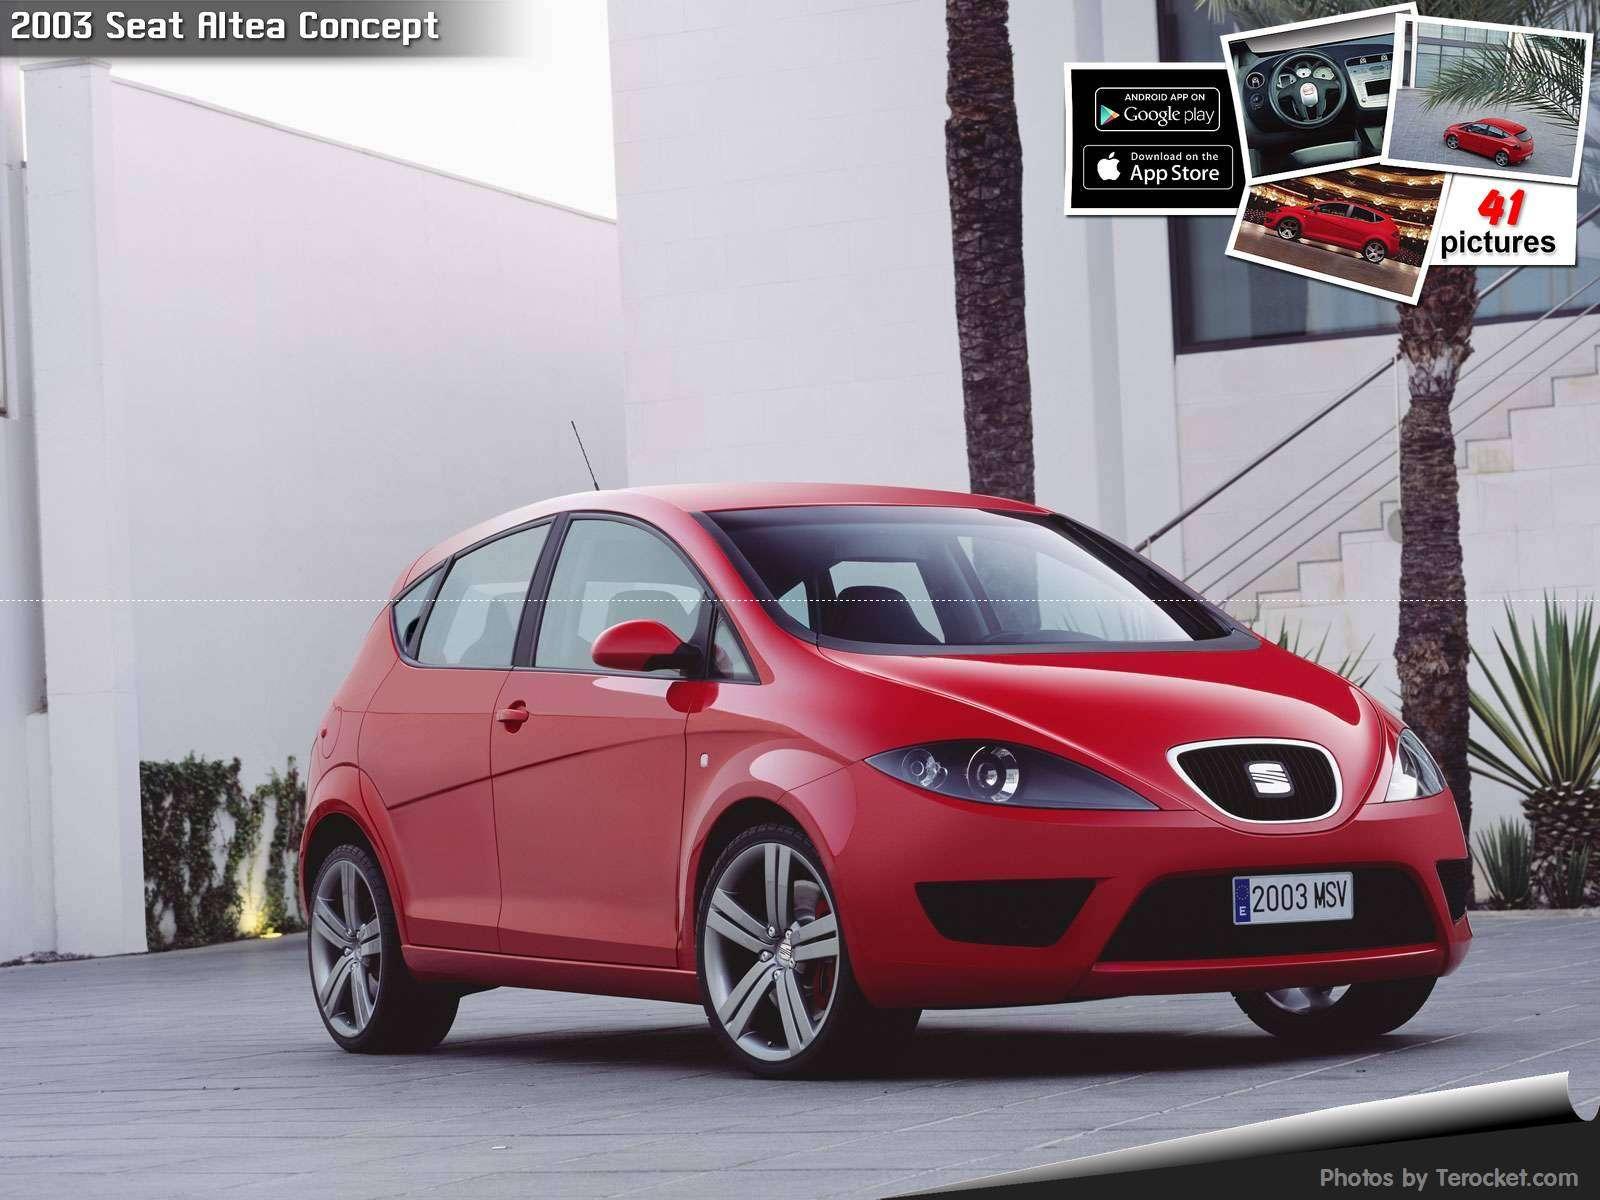 Hình ảnh xe ô tô Seat Altea Concept 2003 & nội ngoại thất